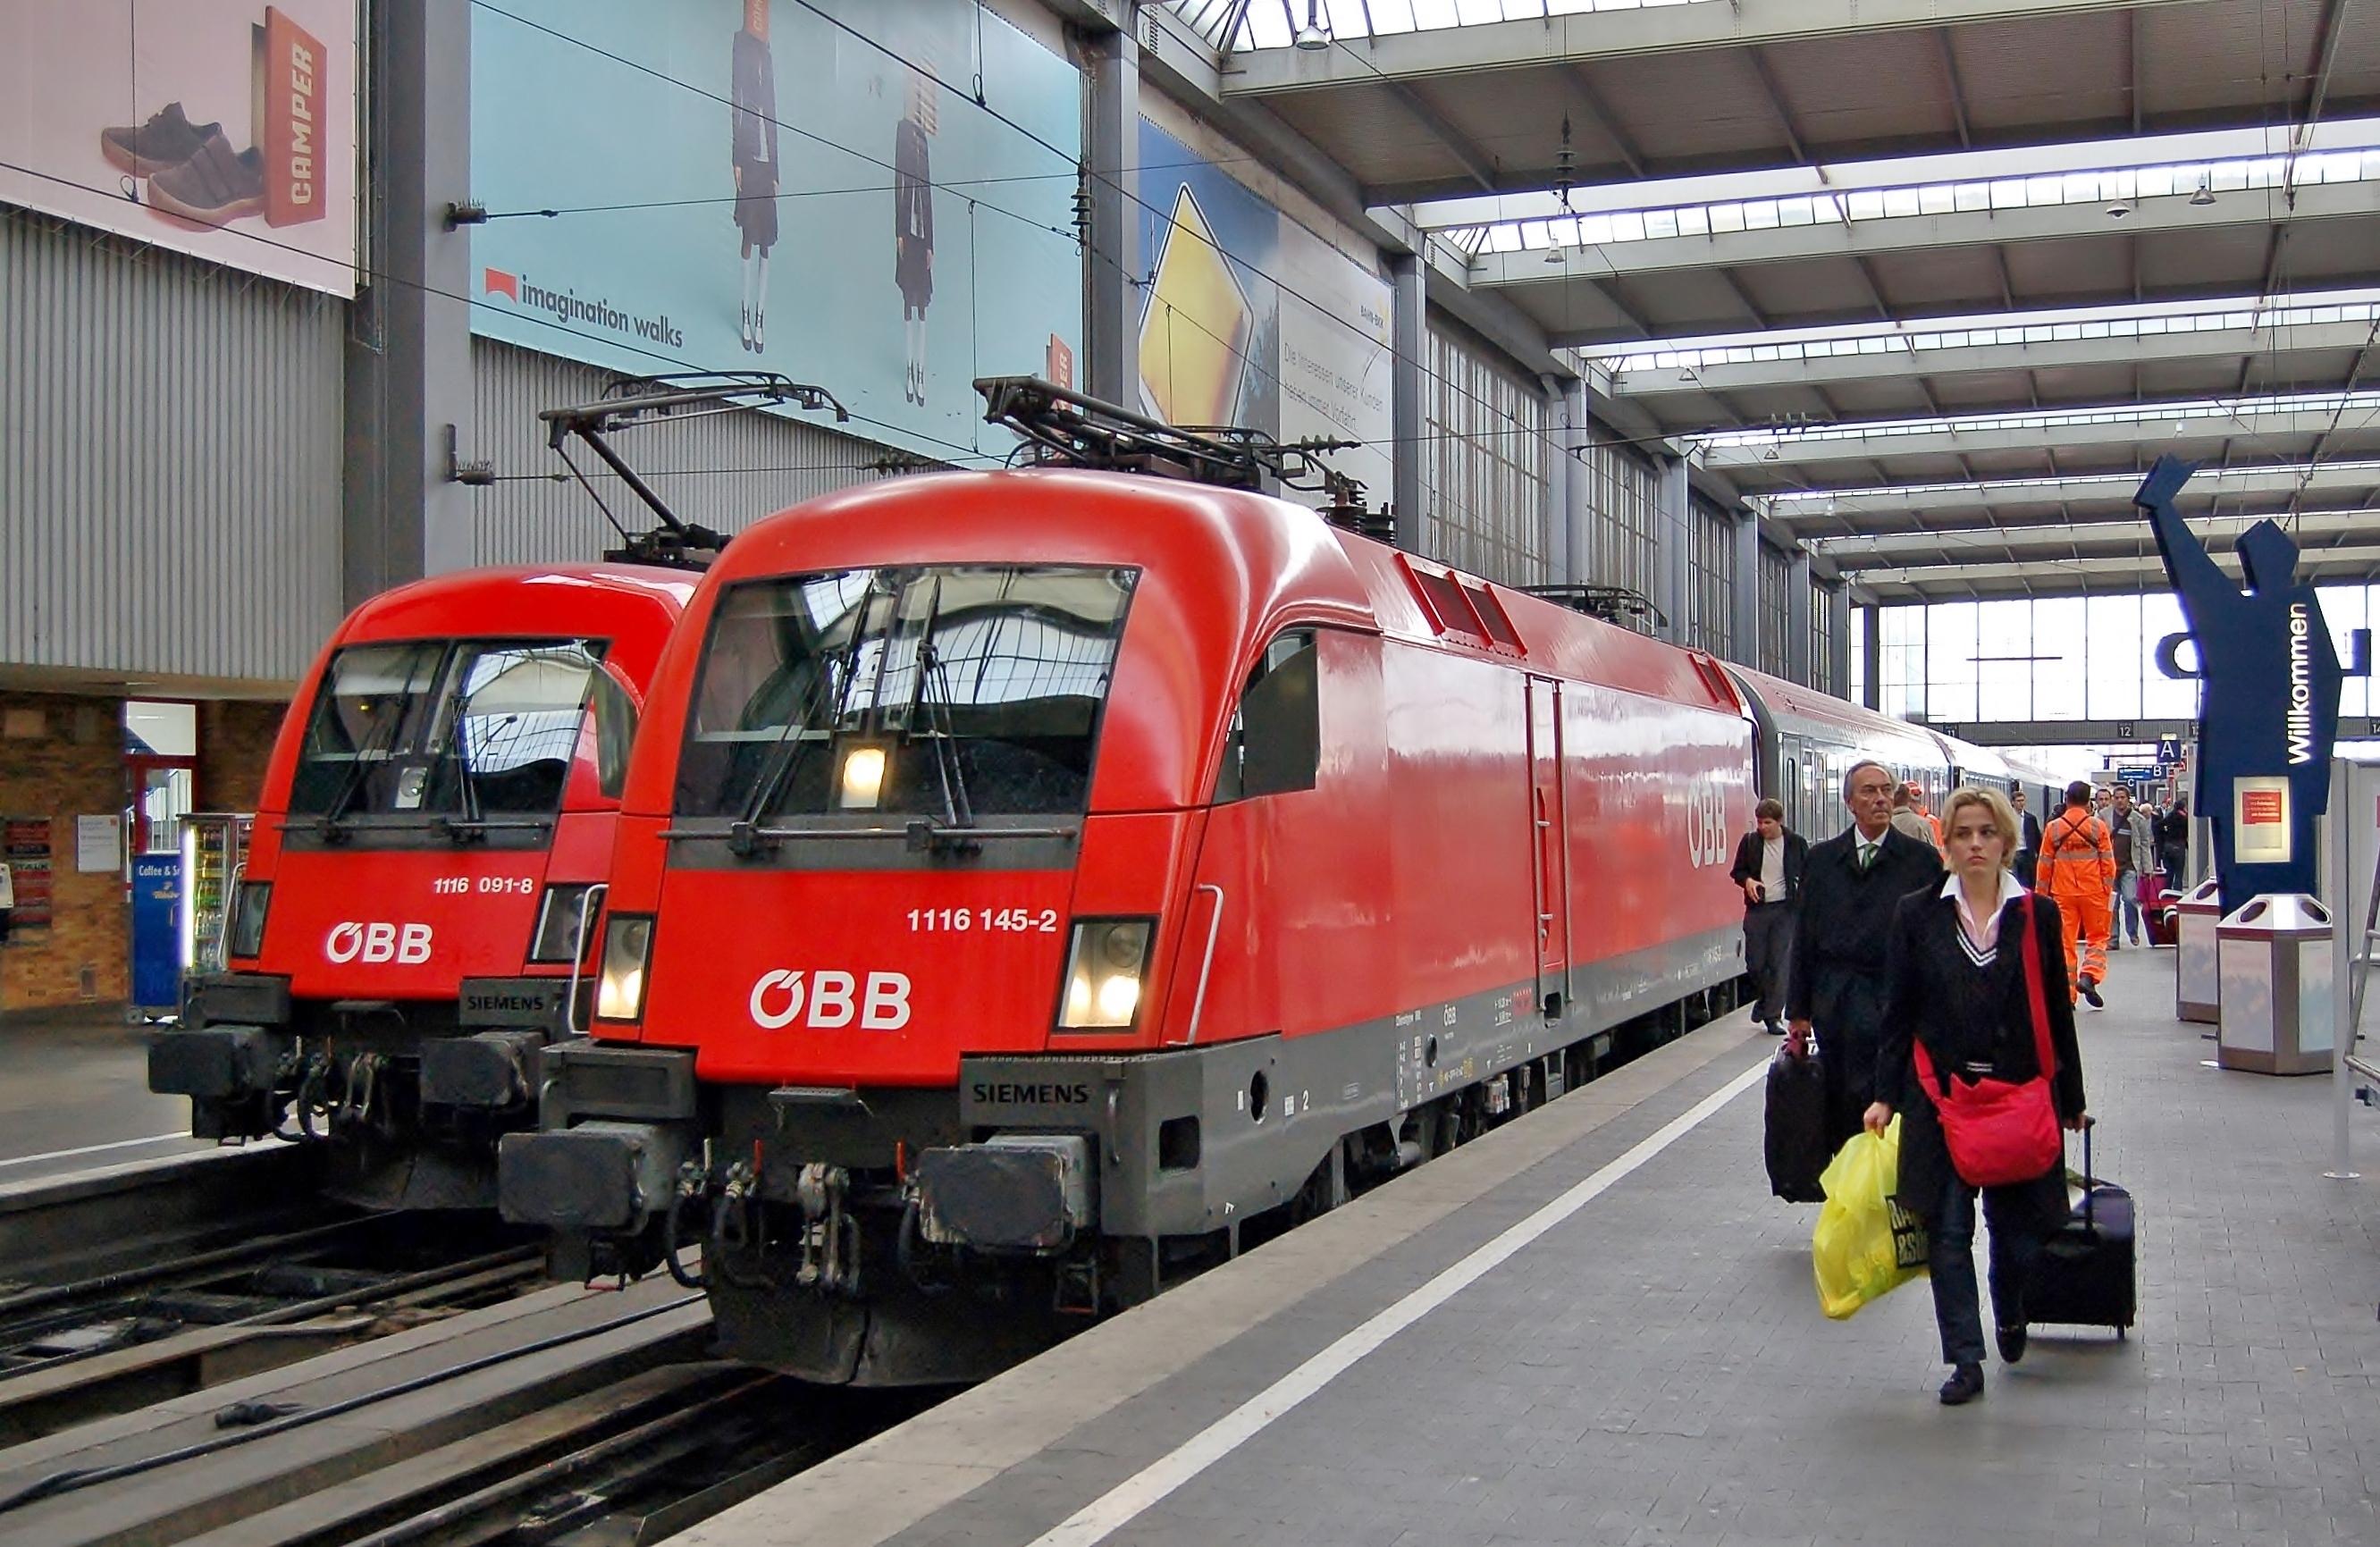 File:1116 091-8 + 1116 145-2 München Hbf, 2007.